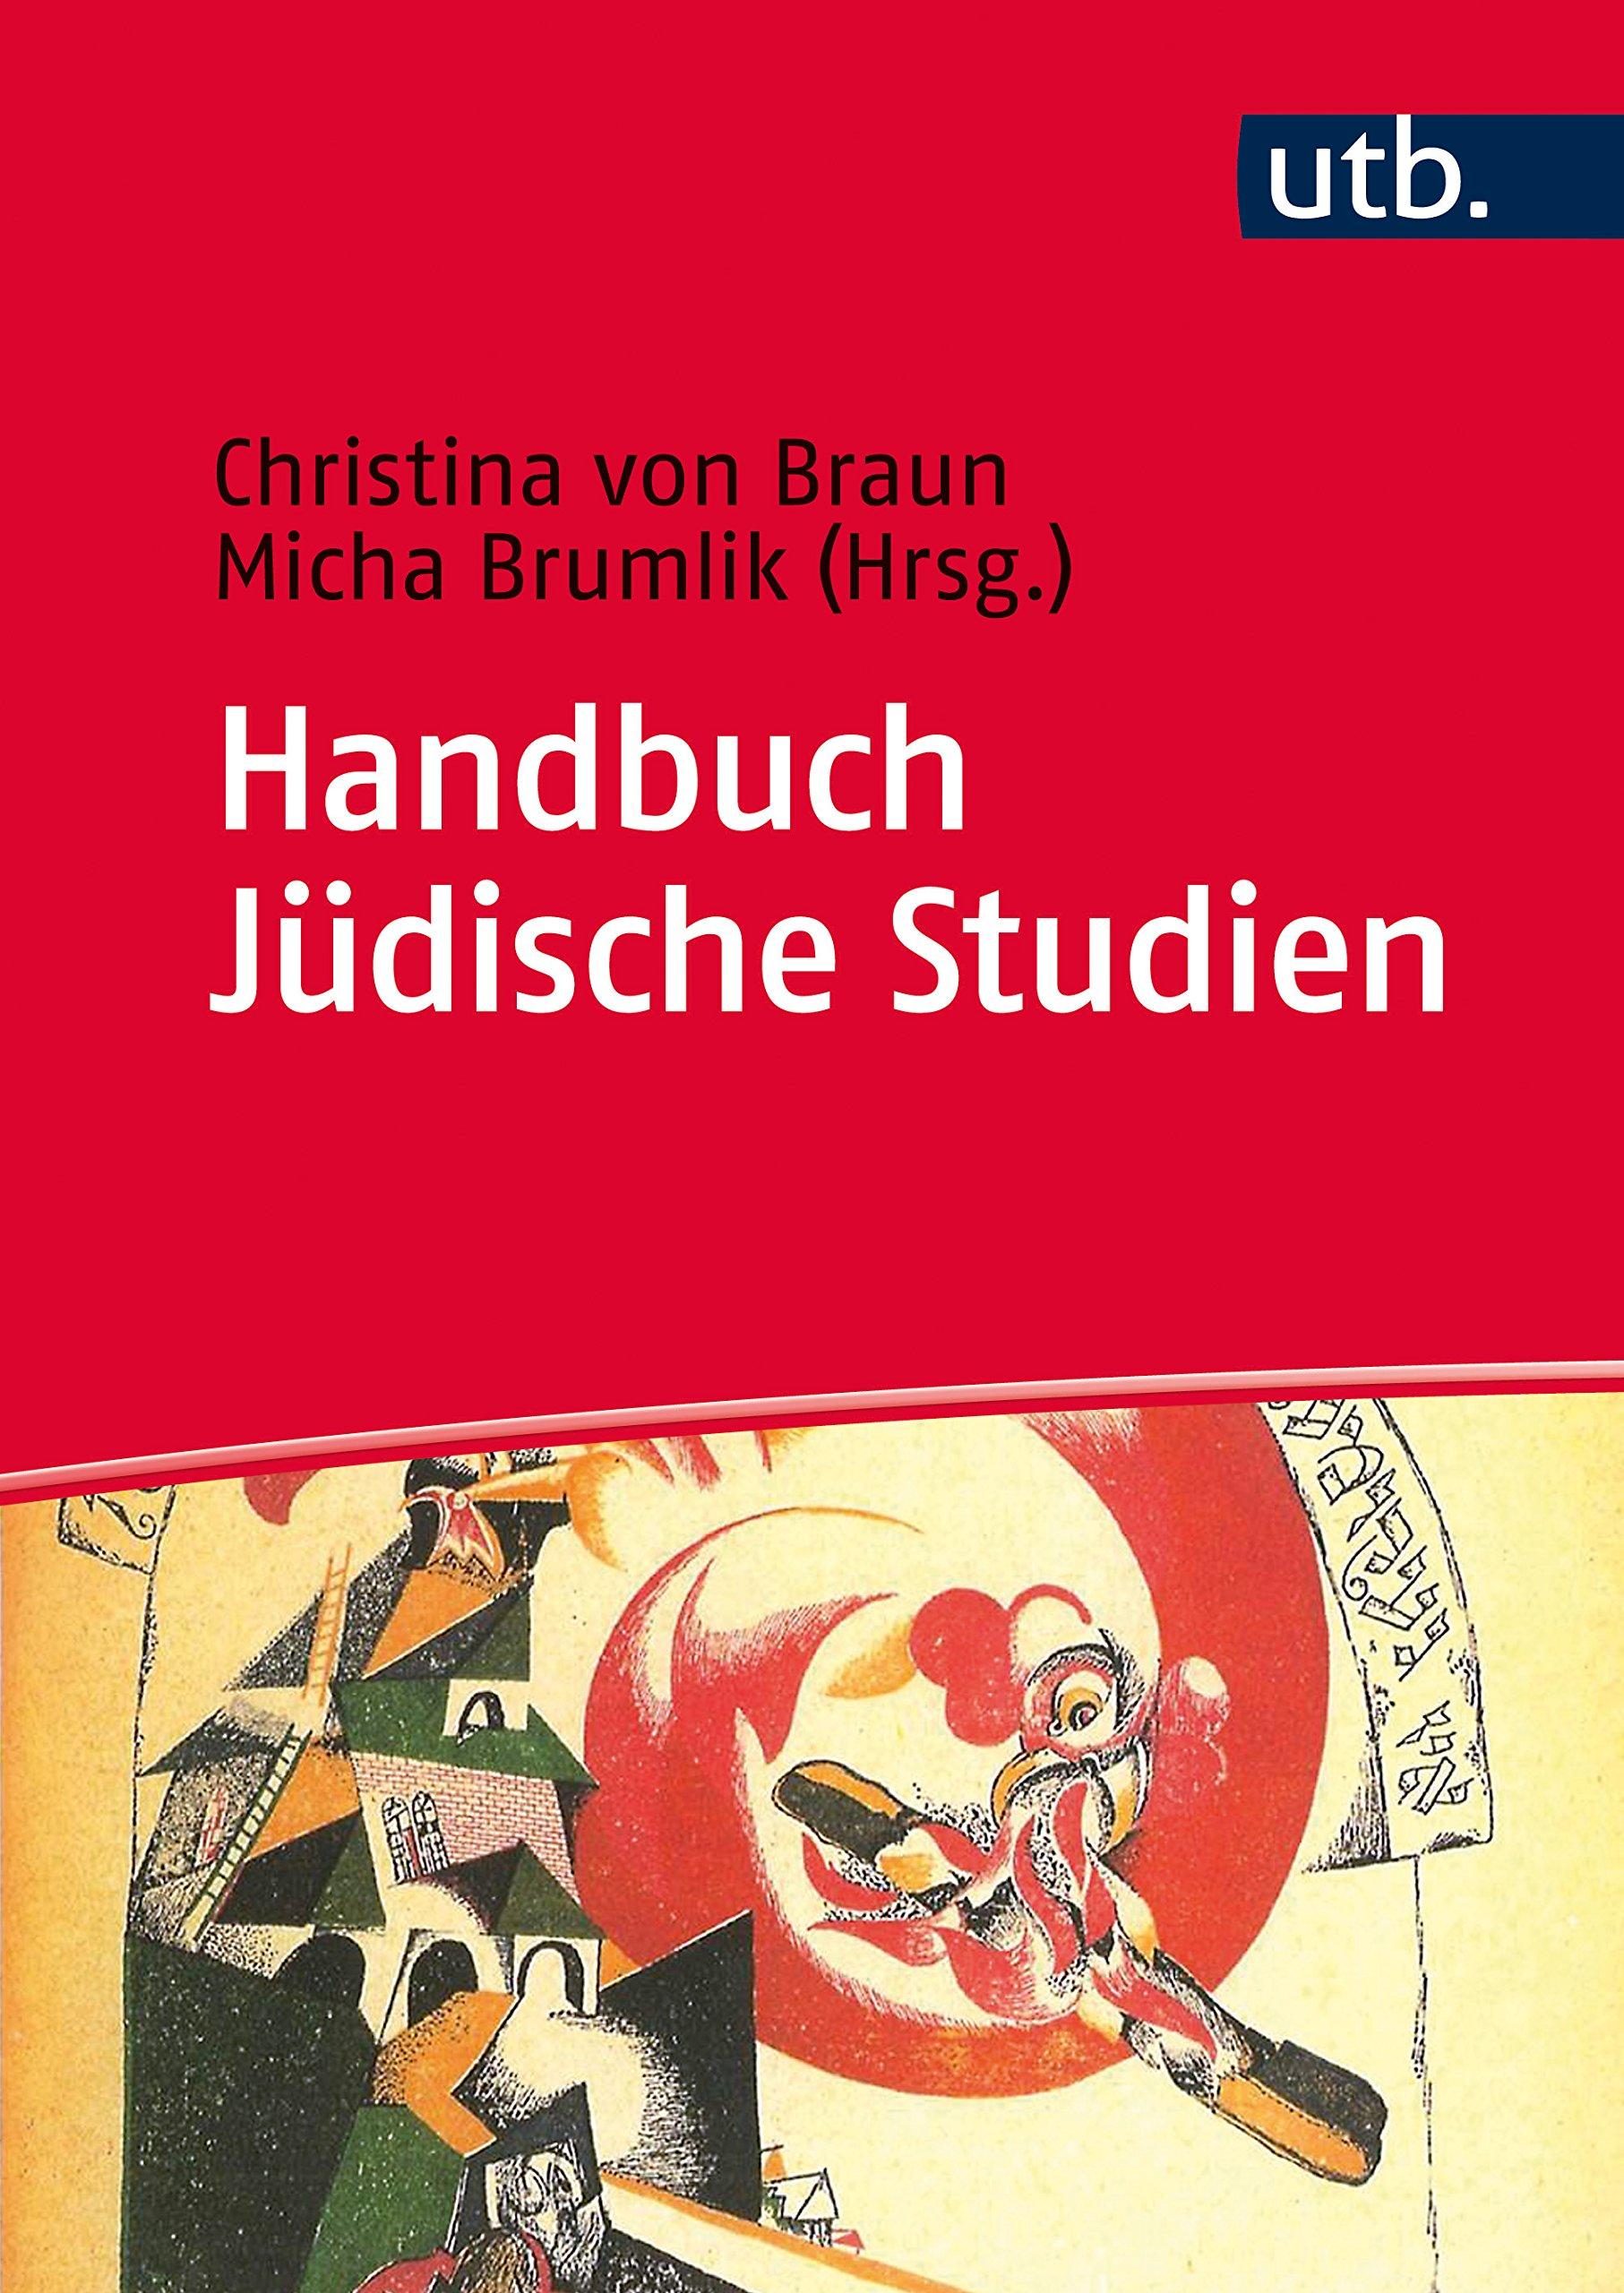 Handbuch Jüdische Studien Taschenbuch – 15. Januar 2018 Christina von Braun Micha Brumlik UTB GmbH 3825287122